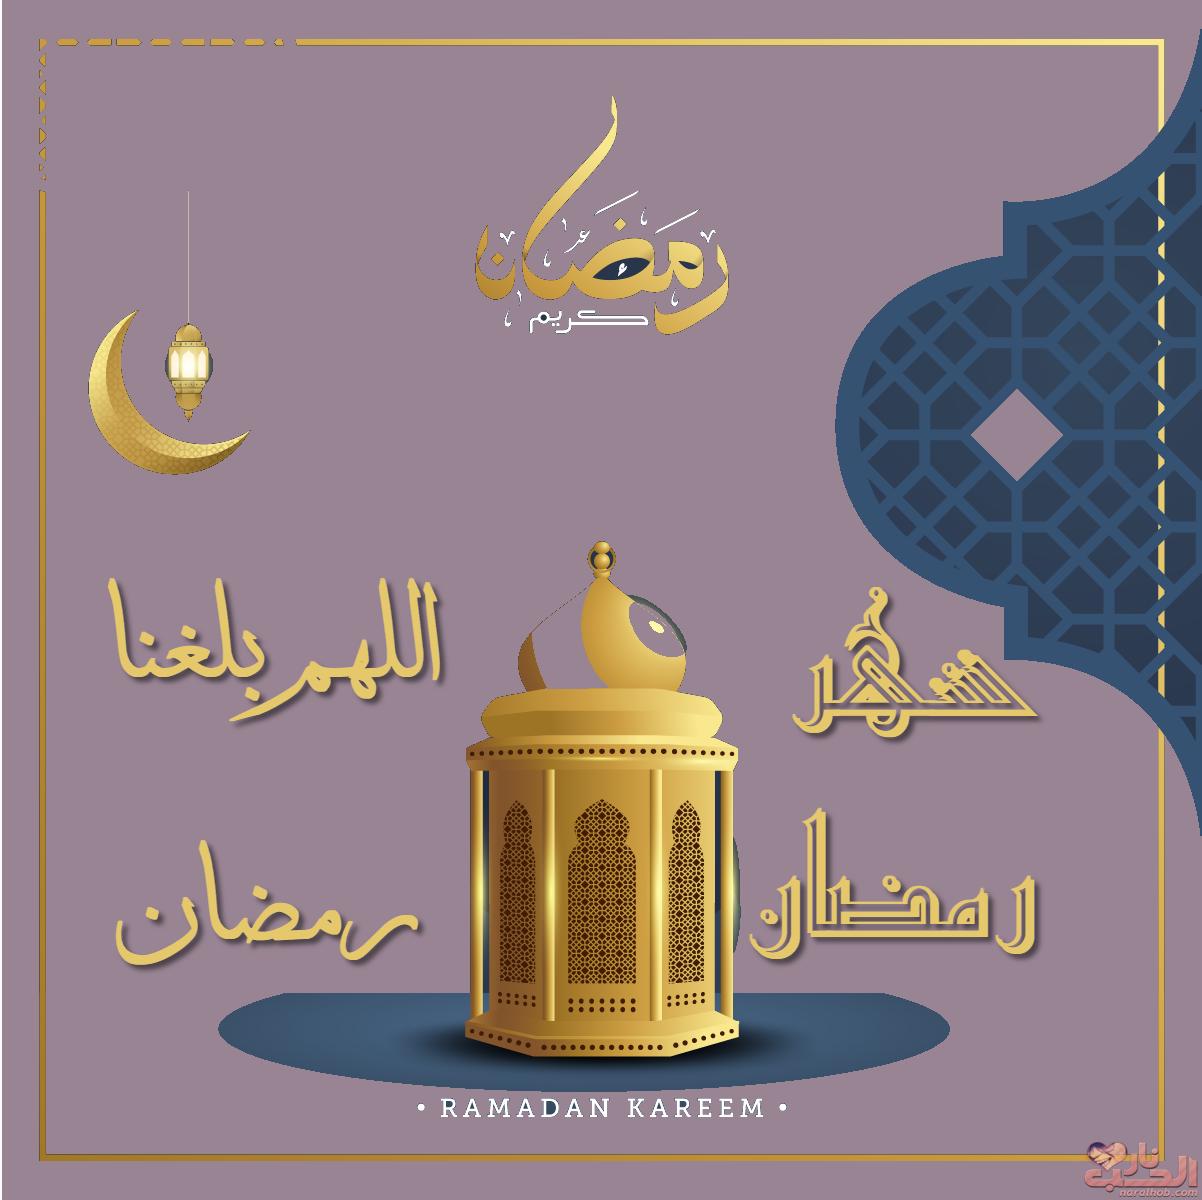 رسائل رمضان 2020 اروع الرسائل المنوعه للتهنئه برمضان 2020